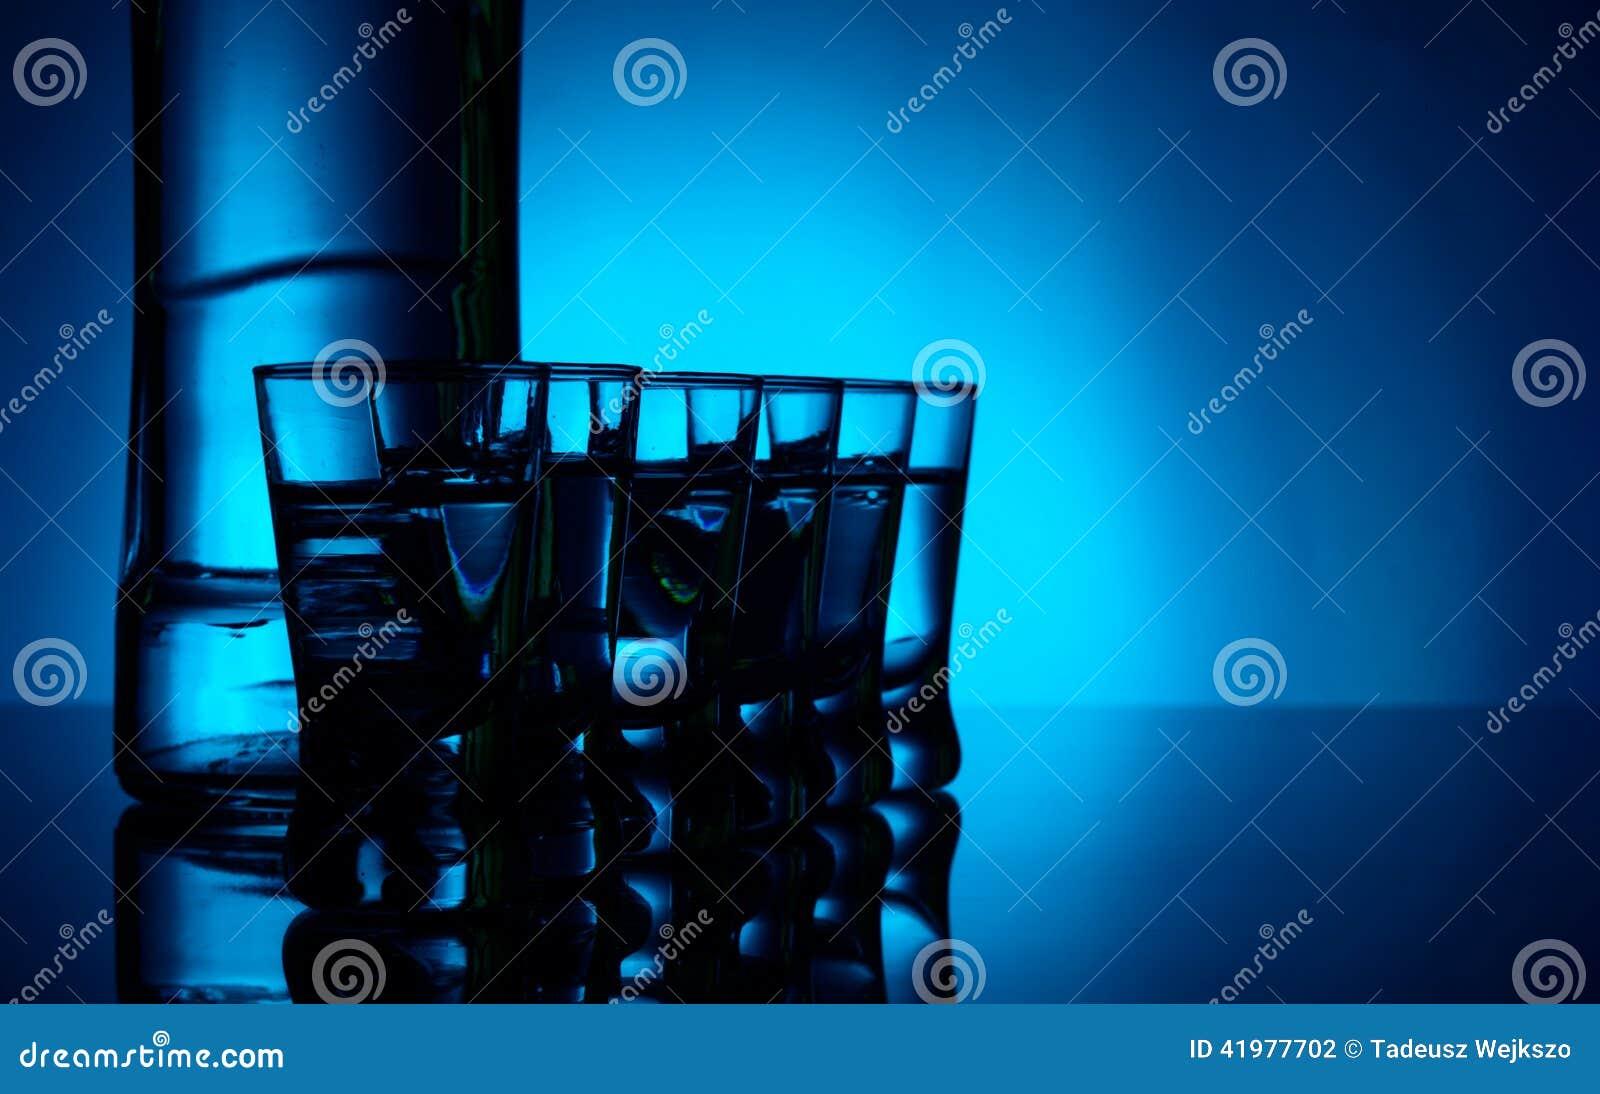 Fles wodka met vele die glazen met blauwe backlight worden aangestoken